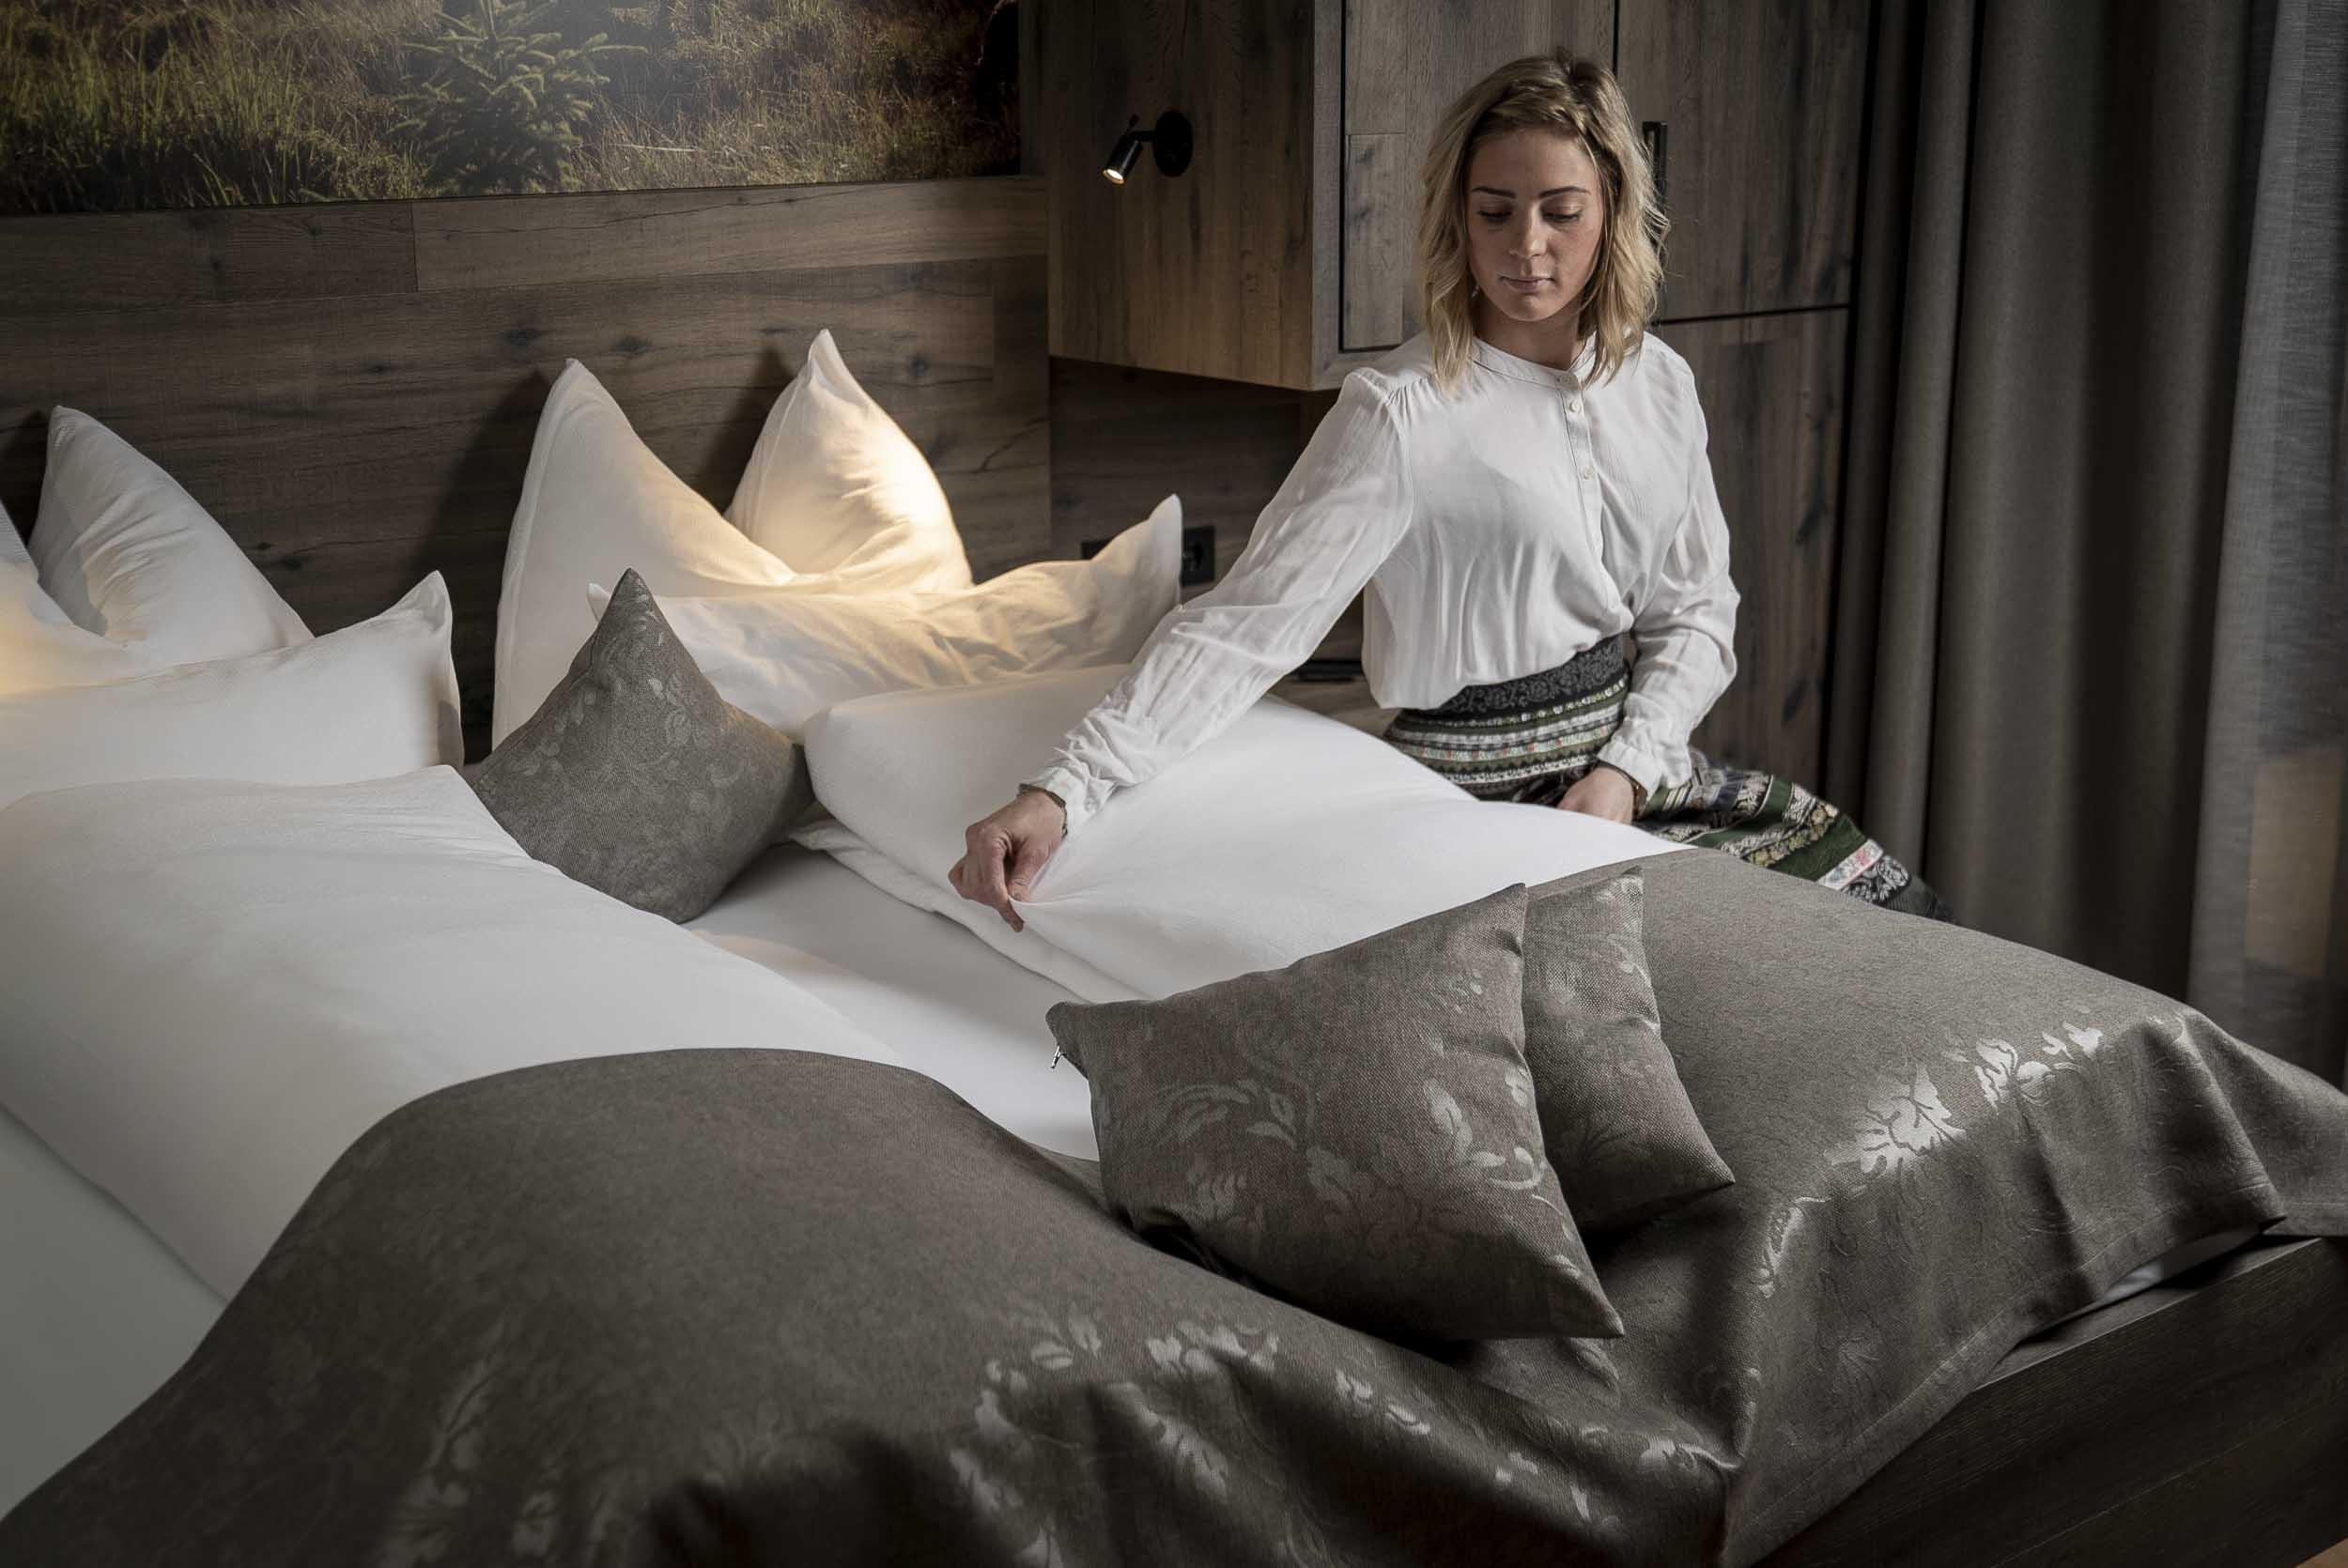 Anna streicht die Bettdecke glatt.